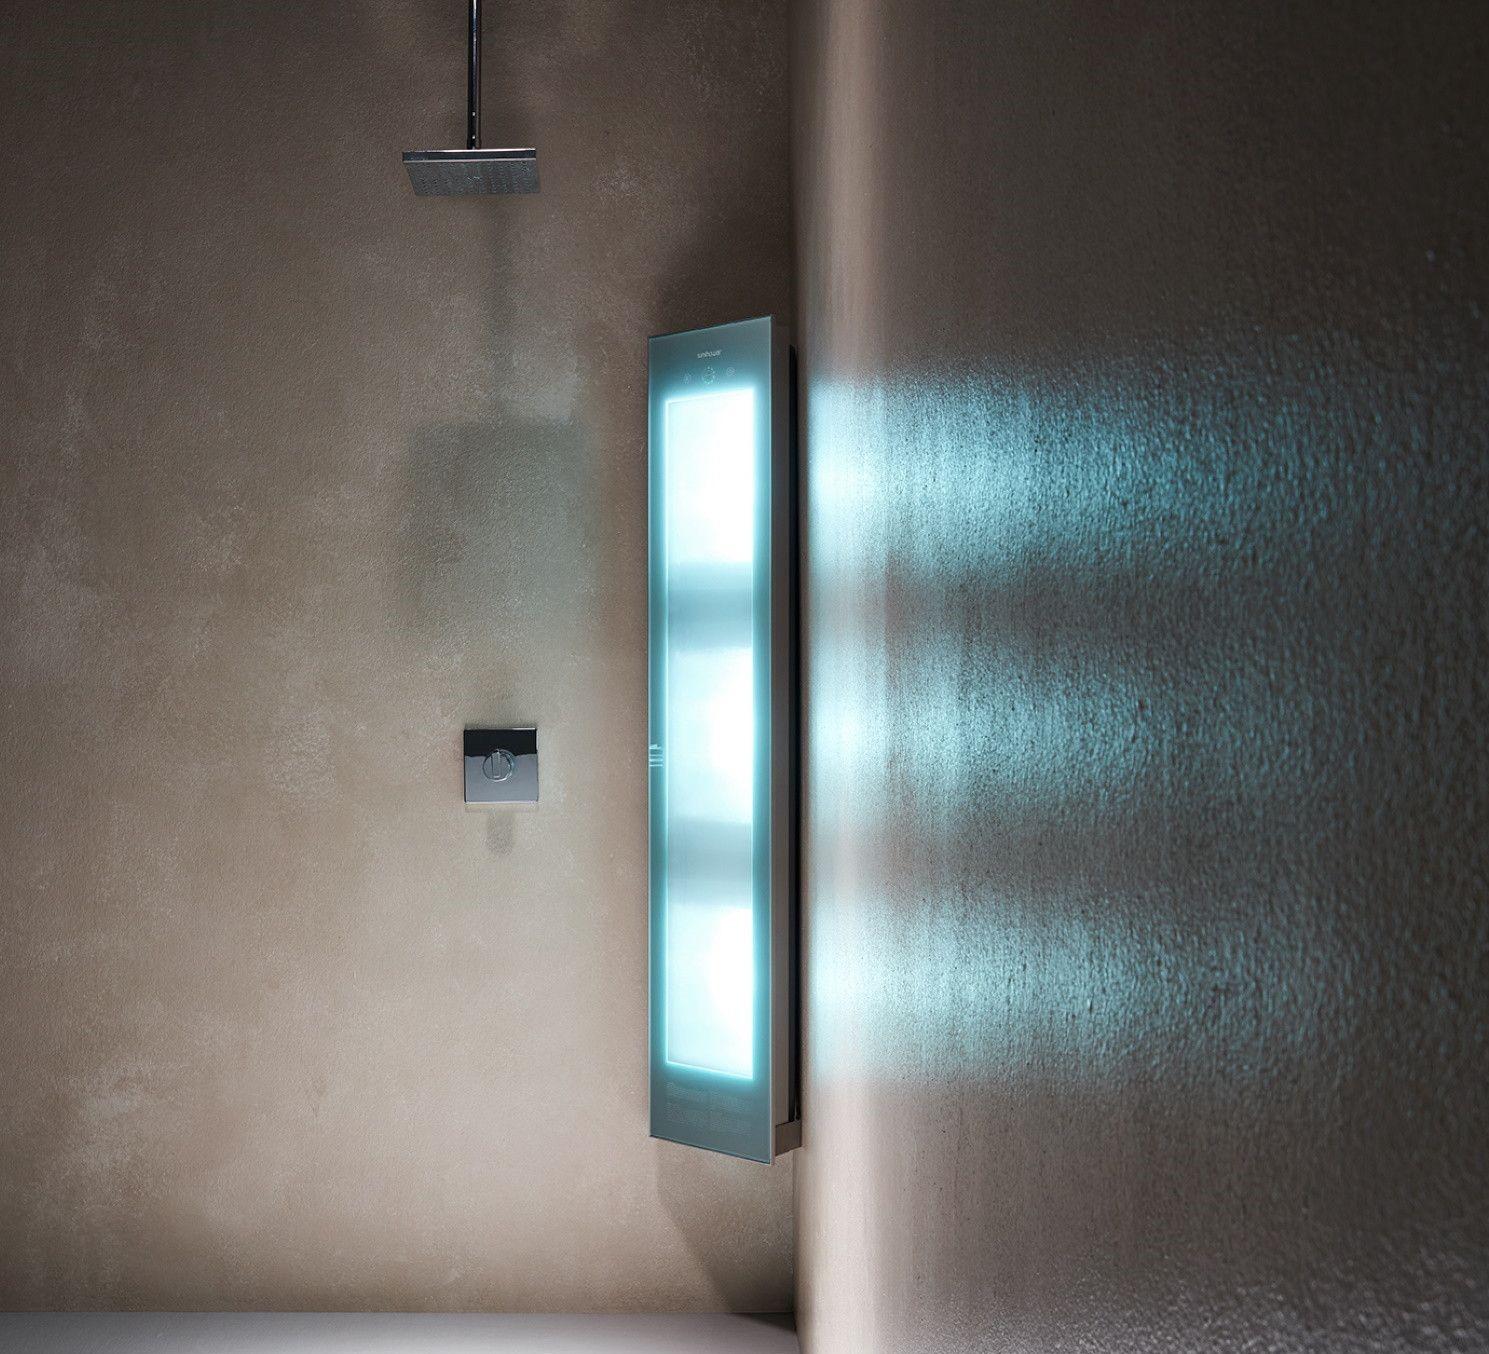 https://www.tegelensanitairmagazijn.nl/74096/sunshower-combi-organic-grey-uv-en-infrarood-opbouwapparaat-30x145x23-cm-aluminium-antraciet.jpg